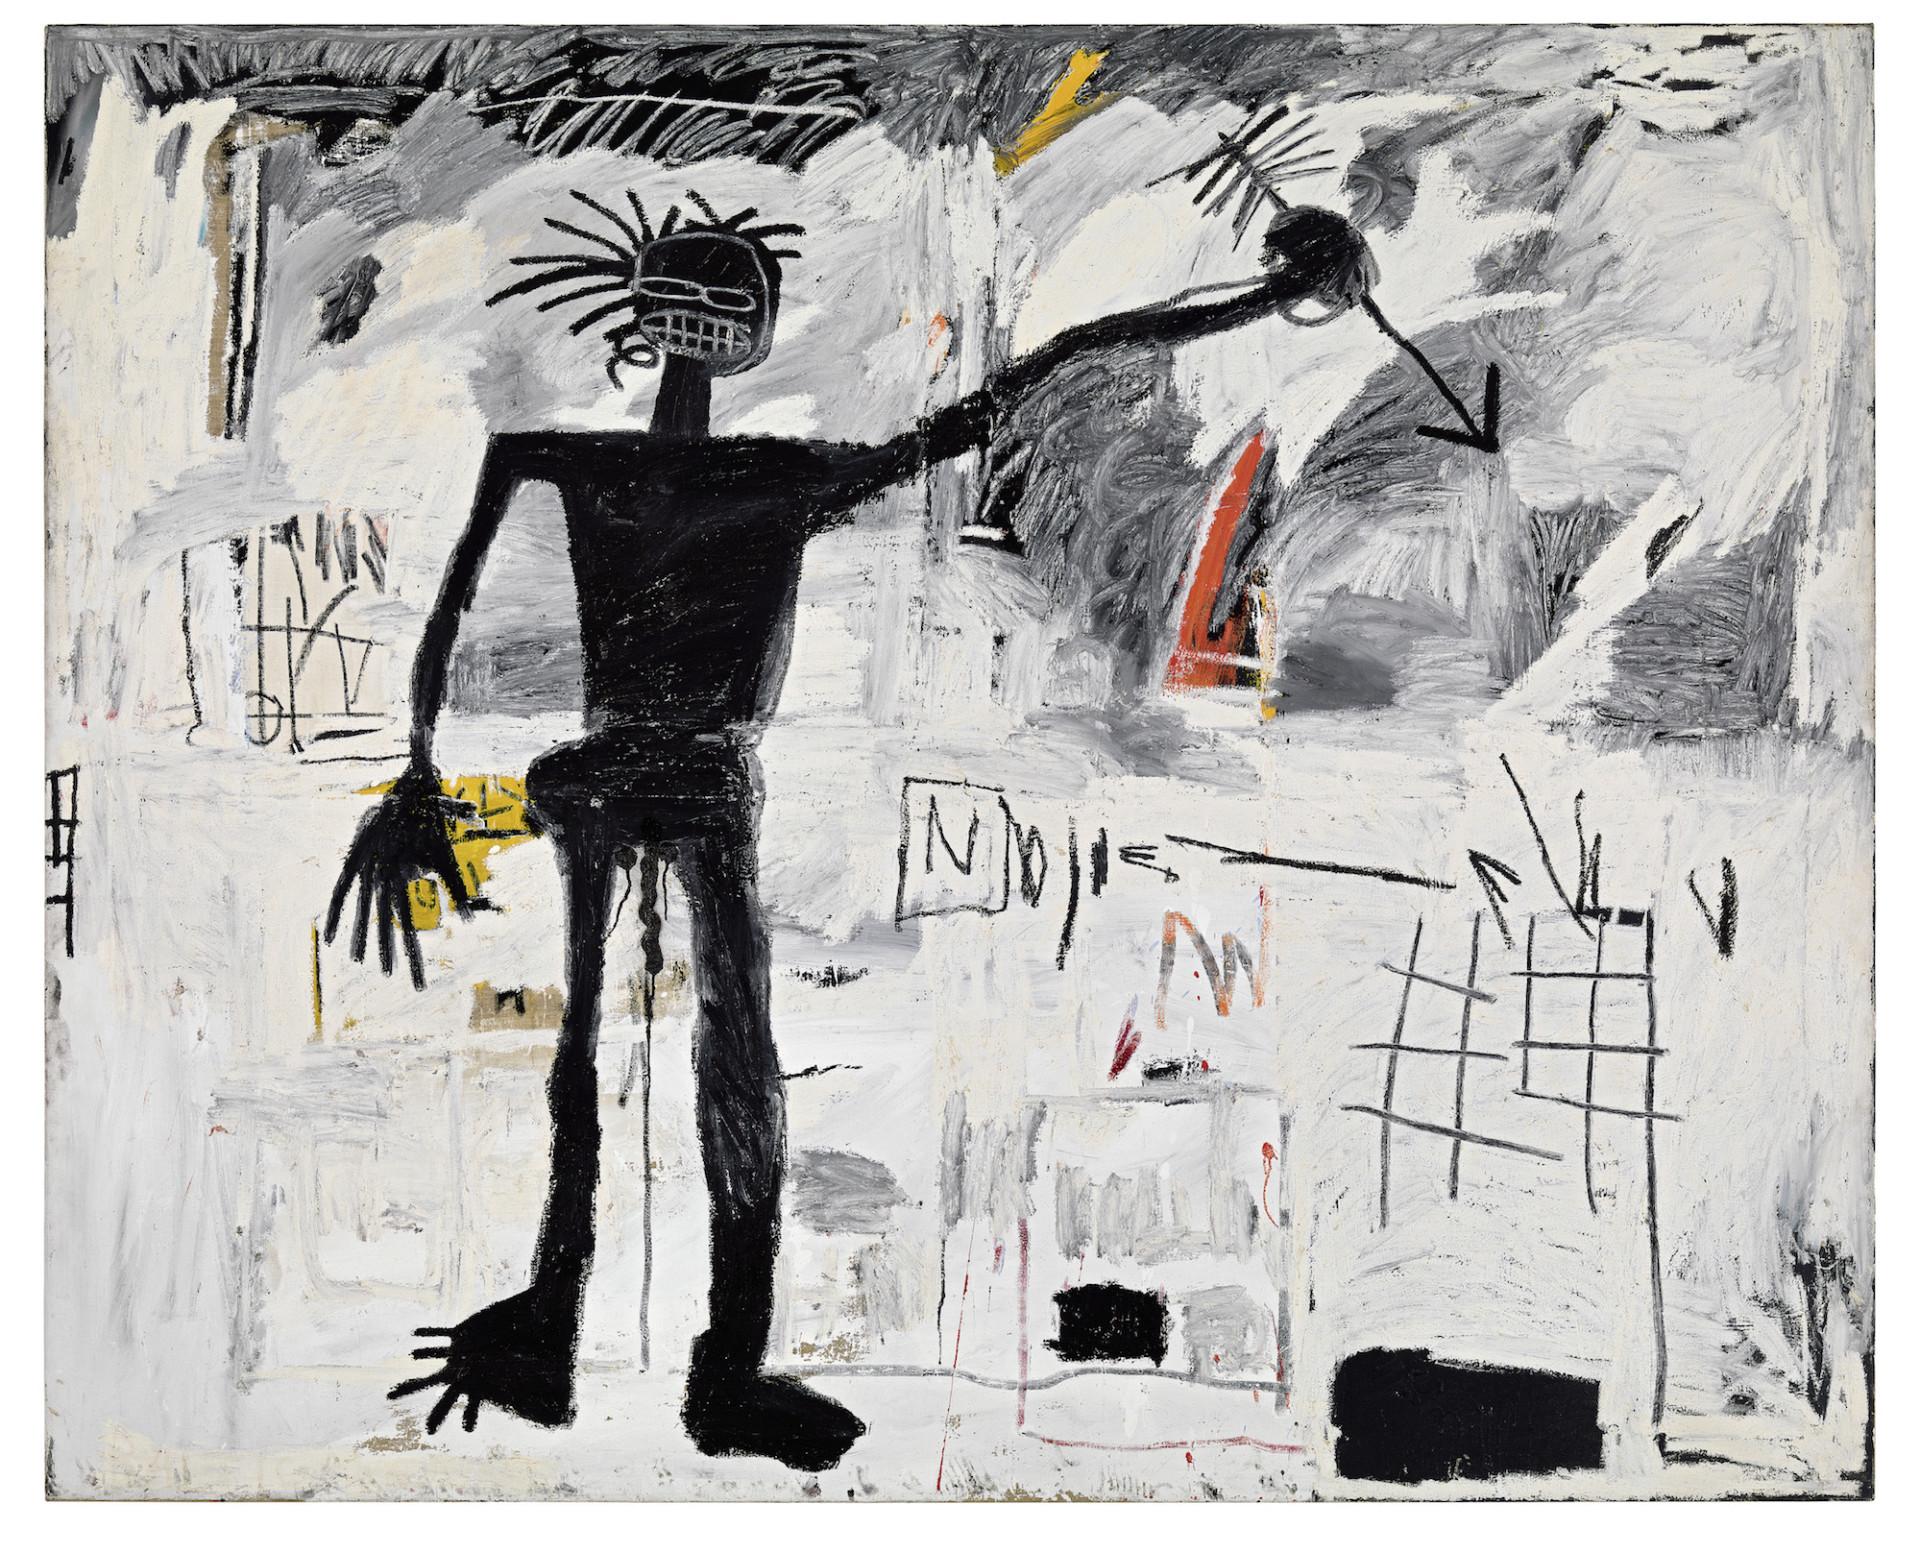 XL_Basquiat_01141_188-189-960x776@2x.jpg